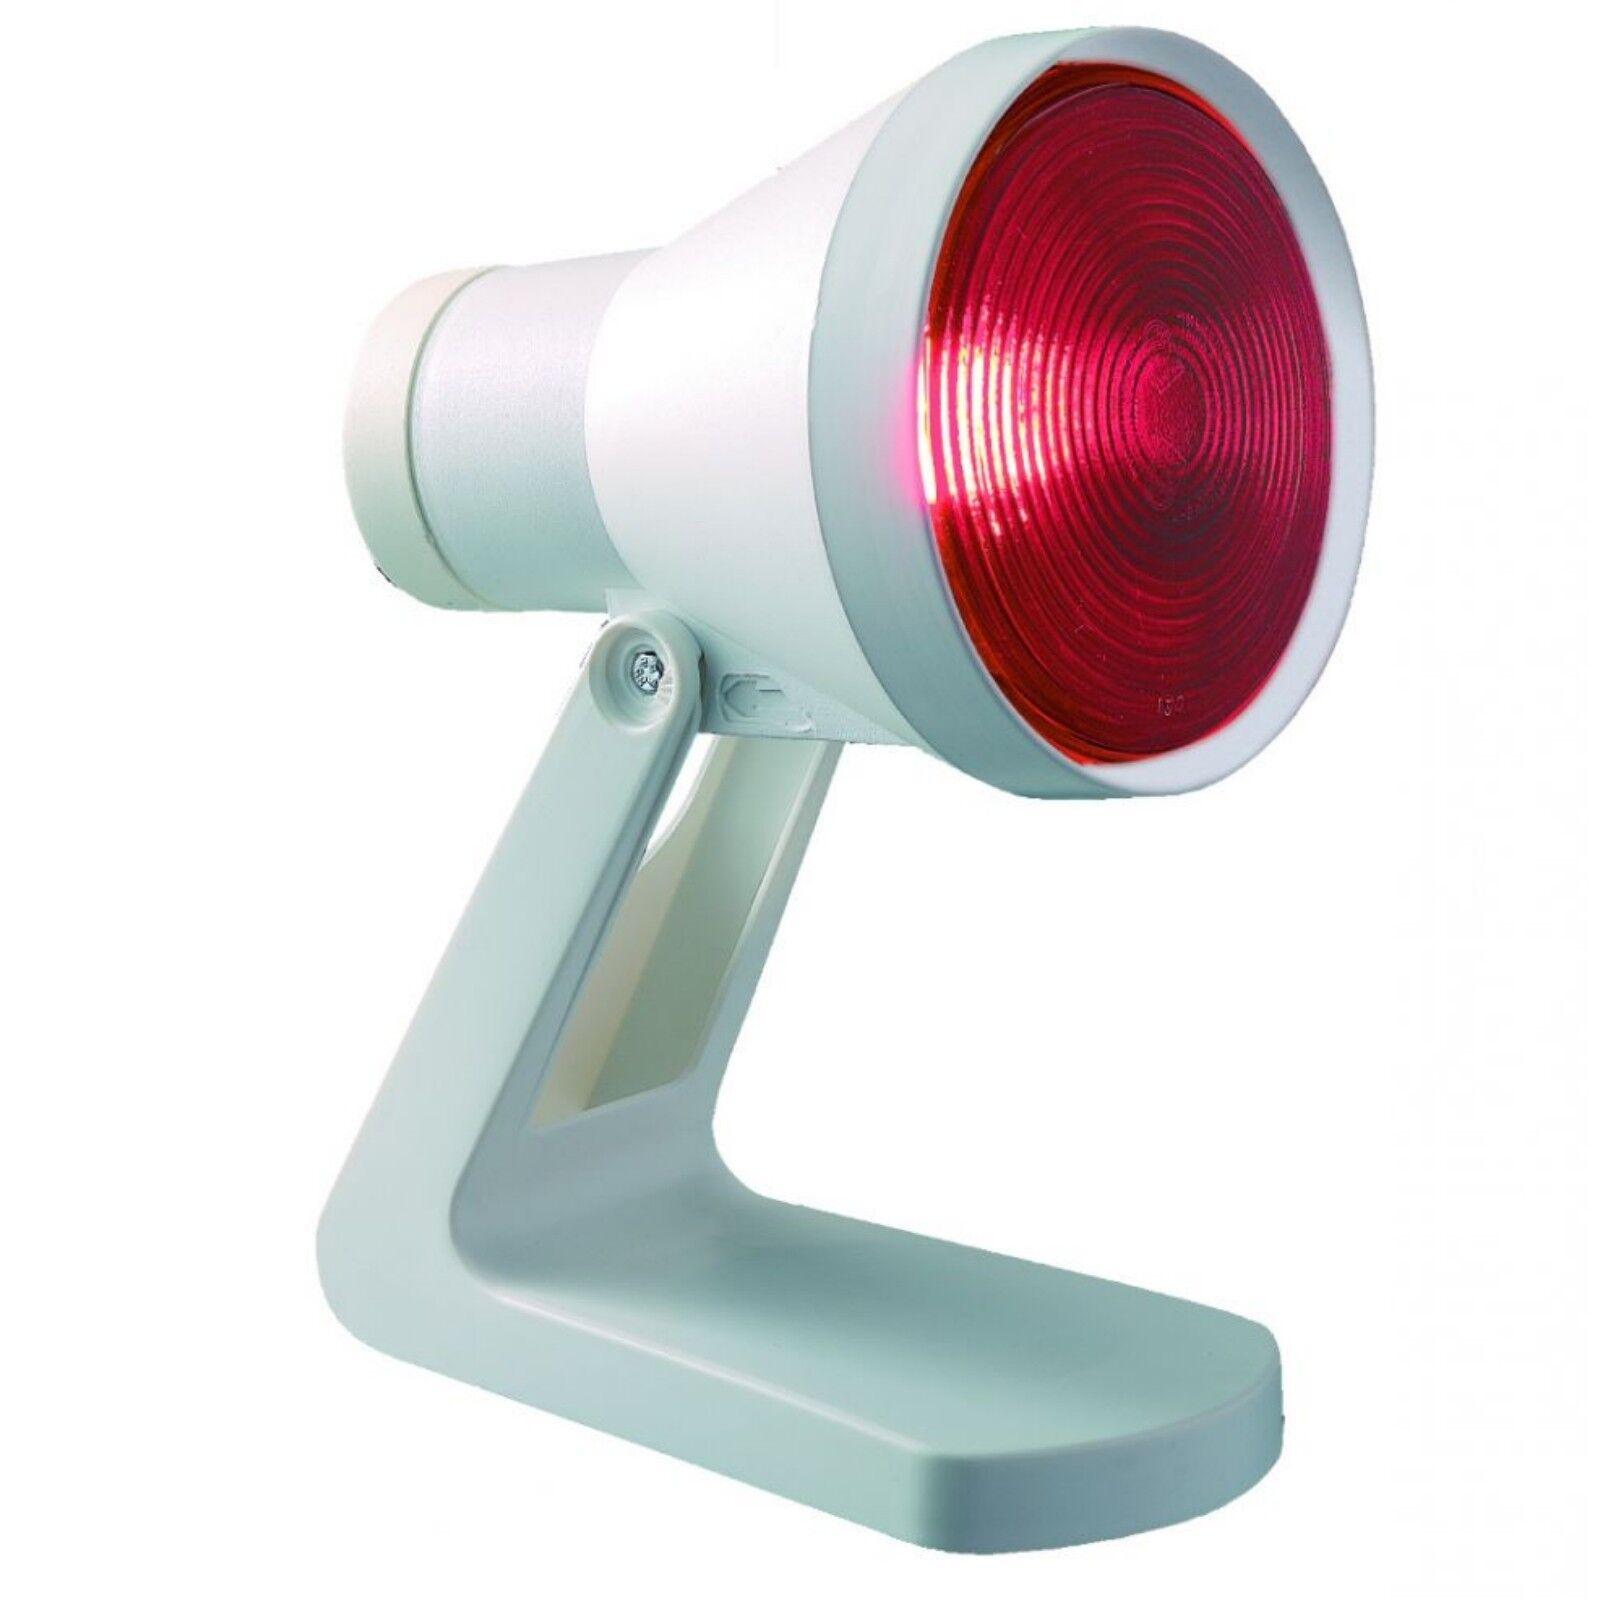 Rotlichtlampe Wärmelampe 150 Watt Rotlichtstrahler IR 812 N Efbe-Schott --- NEU